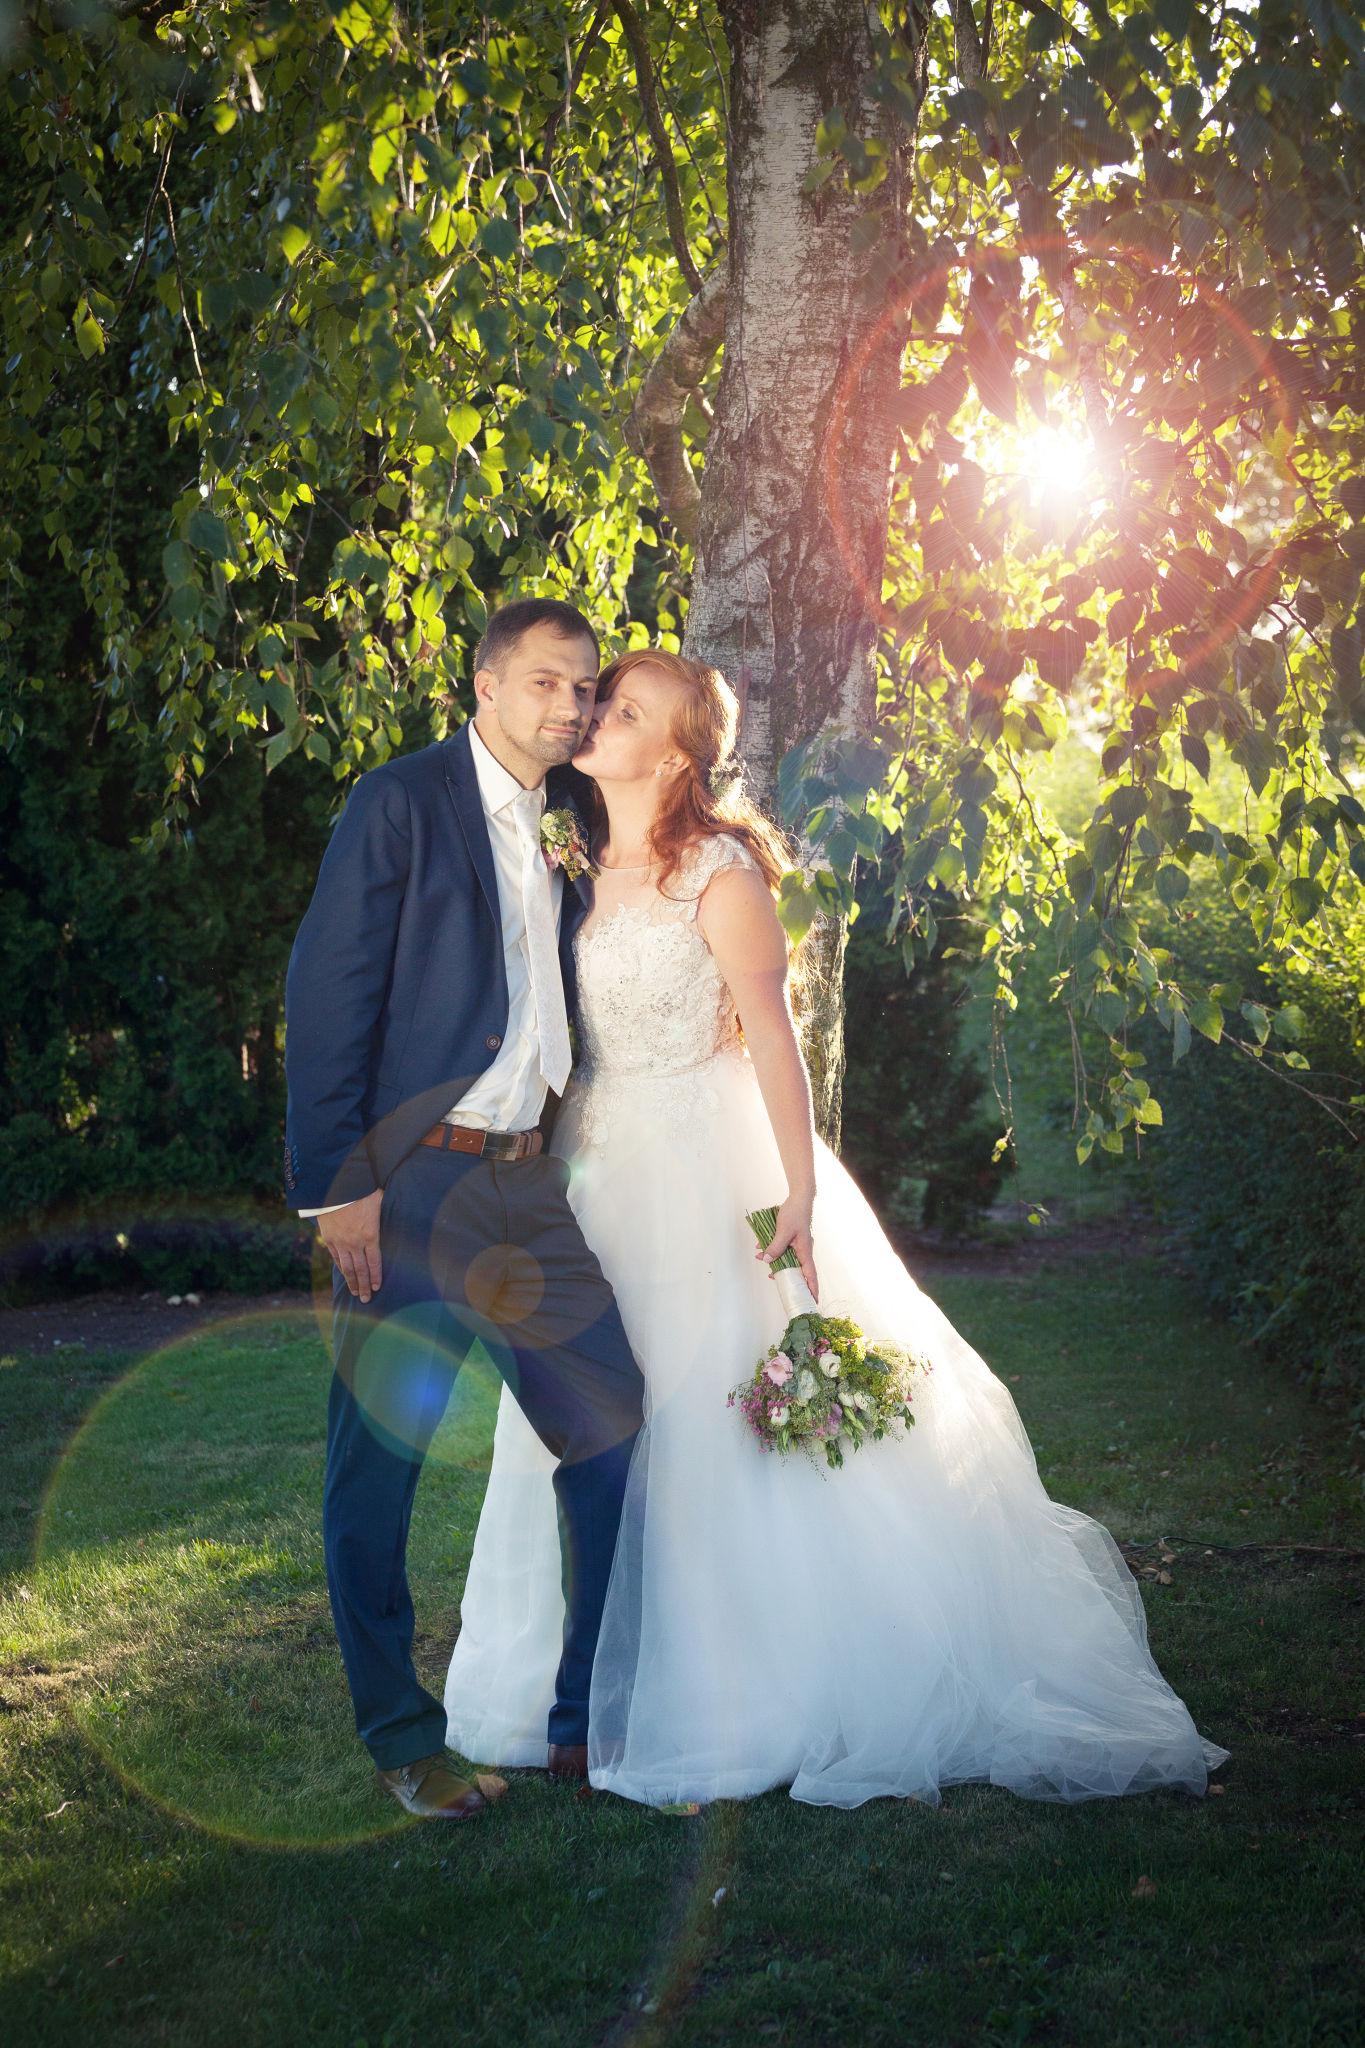 Svatba, nevěsta a ženich, svatební foto